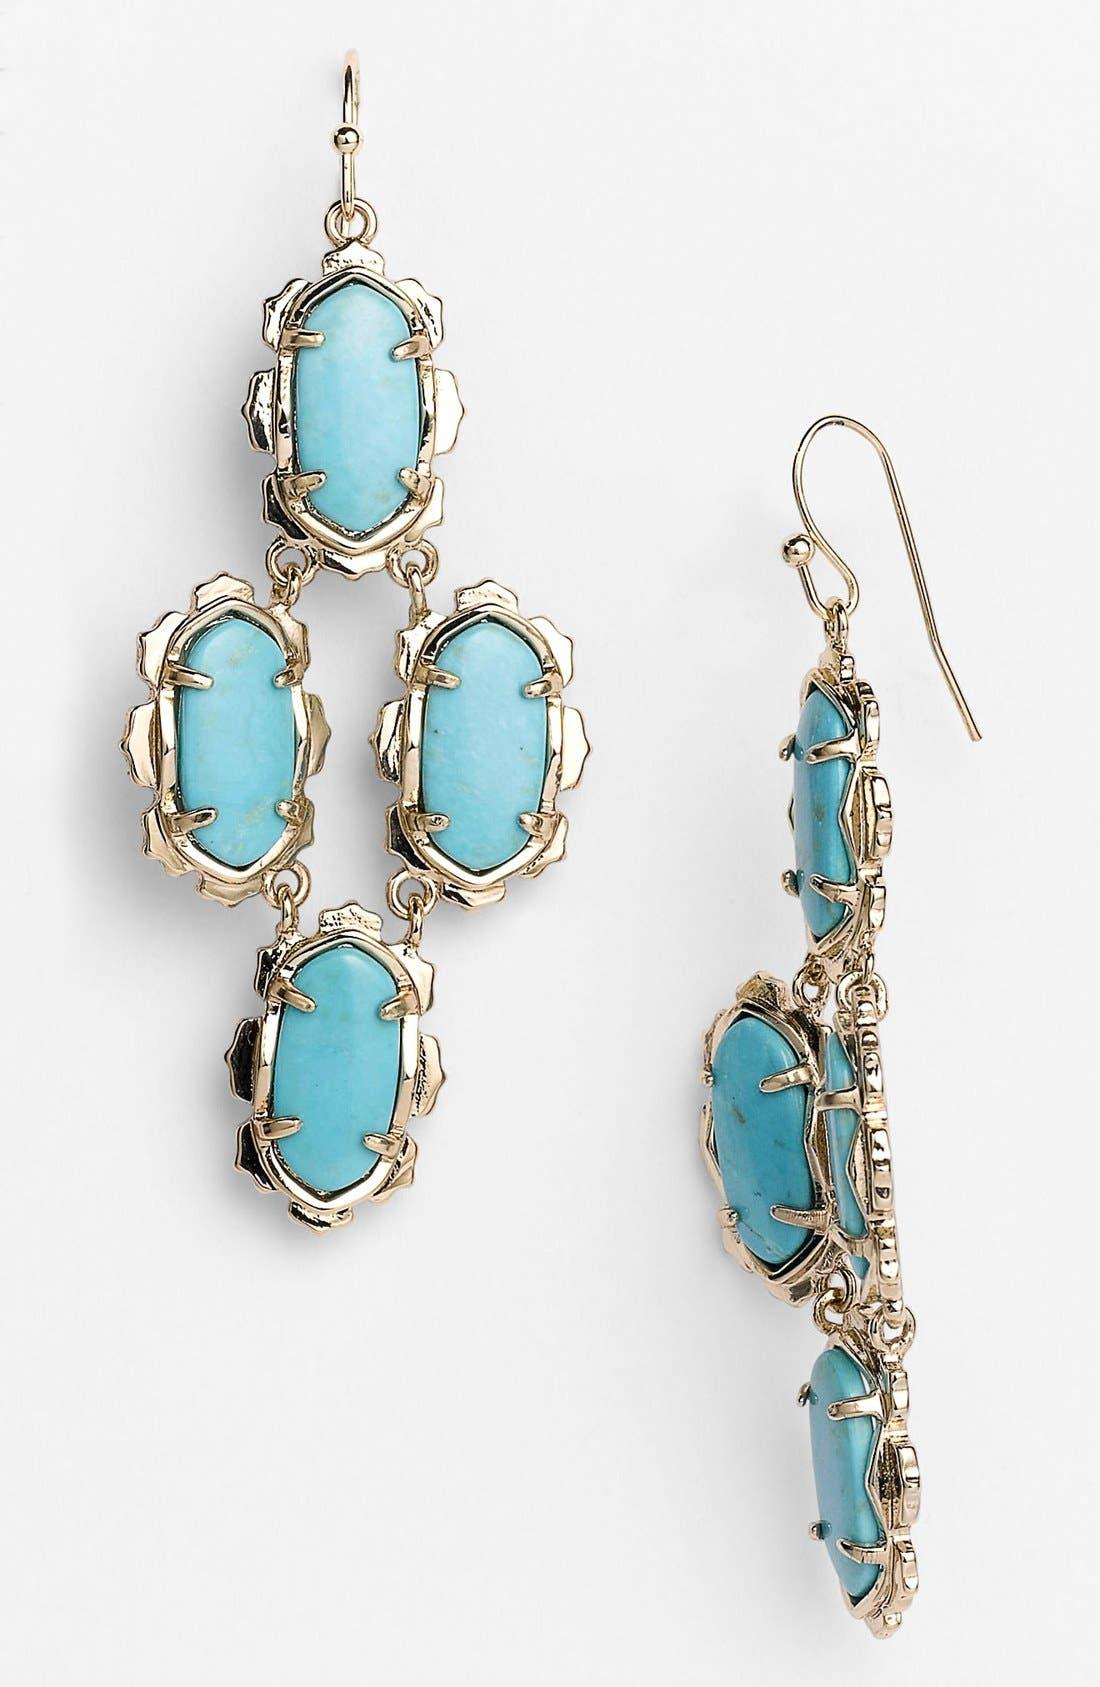 Main Image - Kendra Scott 'Carla' Oval Stone Earrings